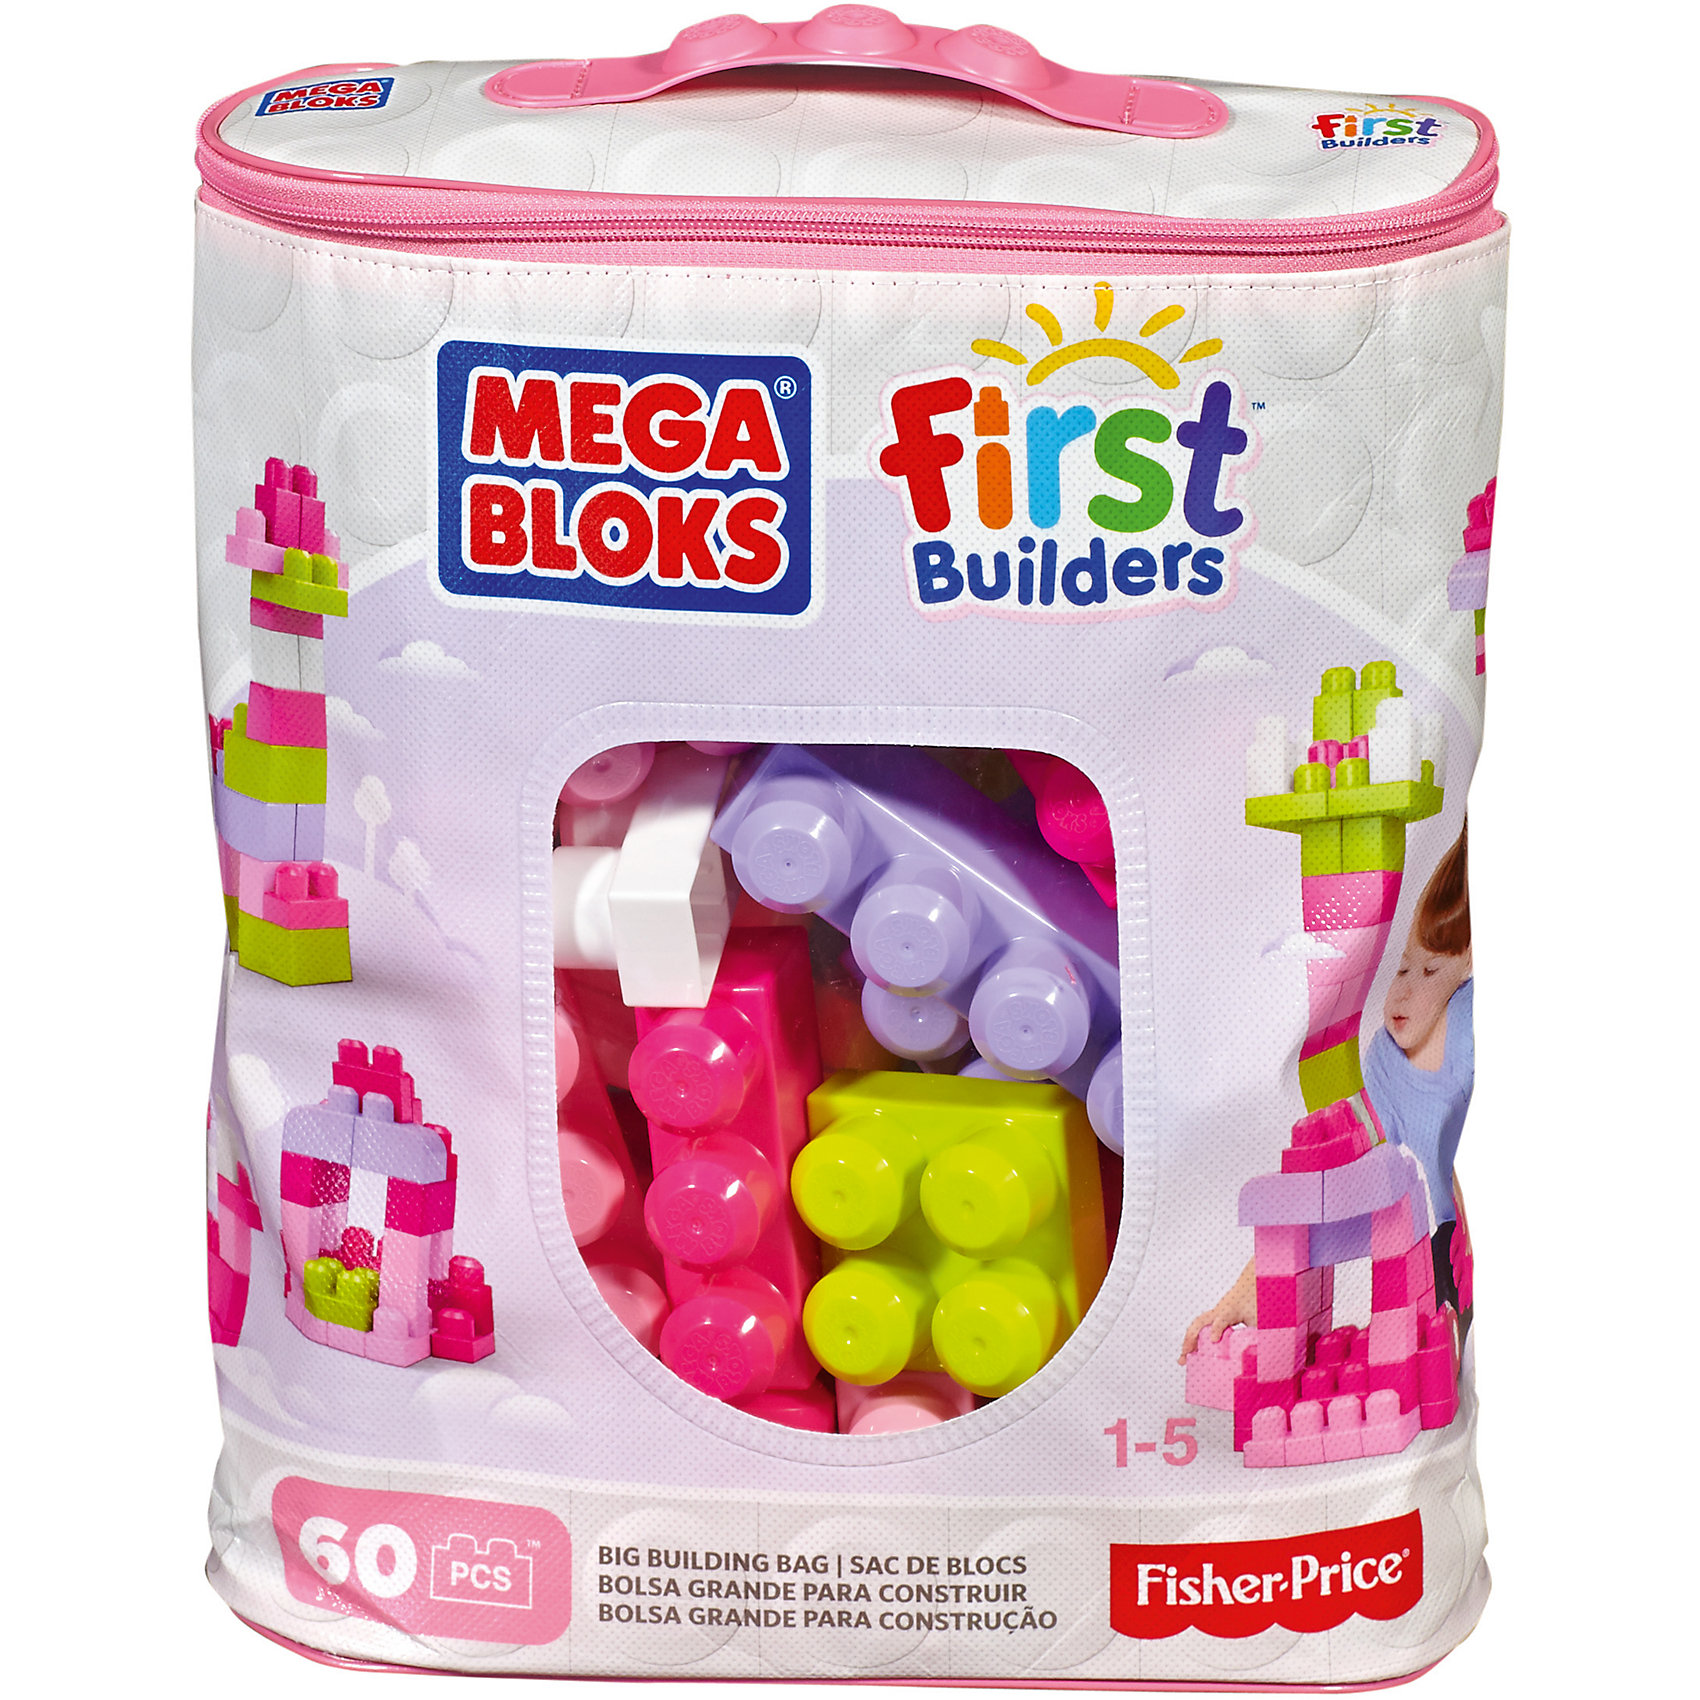 Конструктор из 60 деталей, MEGA BLOKS First BuildersПластмассовые конструкторы<br>Играть с конструктором - всегда весело и увлекательно! Отличный подарок ребенку - Конструктор из 60 деталей, MEGA BLOKS First Builders. Детали конструктора окрашены в яркие цвета, из них можно построить что угодно, начиная от высокого здания и заканчивая миниатюрными машинками. Все элементы имеют размер и форму, удобные для детских ручек. Конструктор совместим с наборами Mega Bloks First Builders.<br>Такие игрушки помогают развить мелкую моторику, логическое мышление и воображение ребенка. Эта игрушка выполнена из высококачественного прочного пластика, безопасного для детей.<br>  <br>Дополнительная информация:<br><br>комплектация: 60 деталей;<br>материал: пластик;<br>размер упаковки: 15 х 35 х 30 см ;<br>в комплекте - удобная сумка для хранения блоков.<br><br>Конструктор из 60 деталей, MEGA BLOKS First Builders от компании Mattel можно купить в нашем магазине.<br><br>Ширина мм: 345<br>Глубина мм: 290<br>Высота мм: 100<br>Вес г: 907<br>Возраст от месяцев: 12<br>Возраст до месяцев: 60<br>Пол: Унисекс<br>Возраст: Детский<br>SKU: 4791139